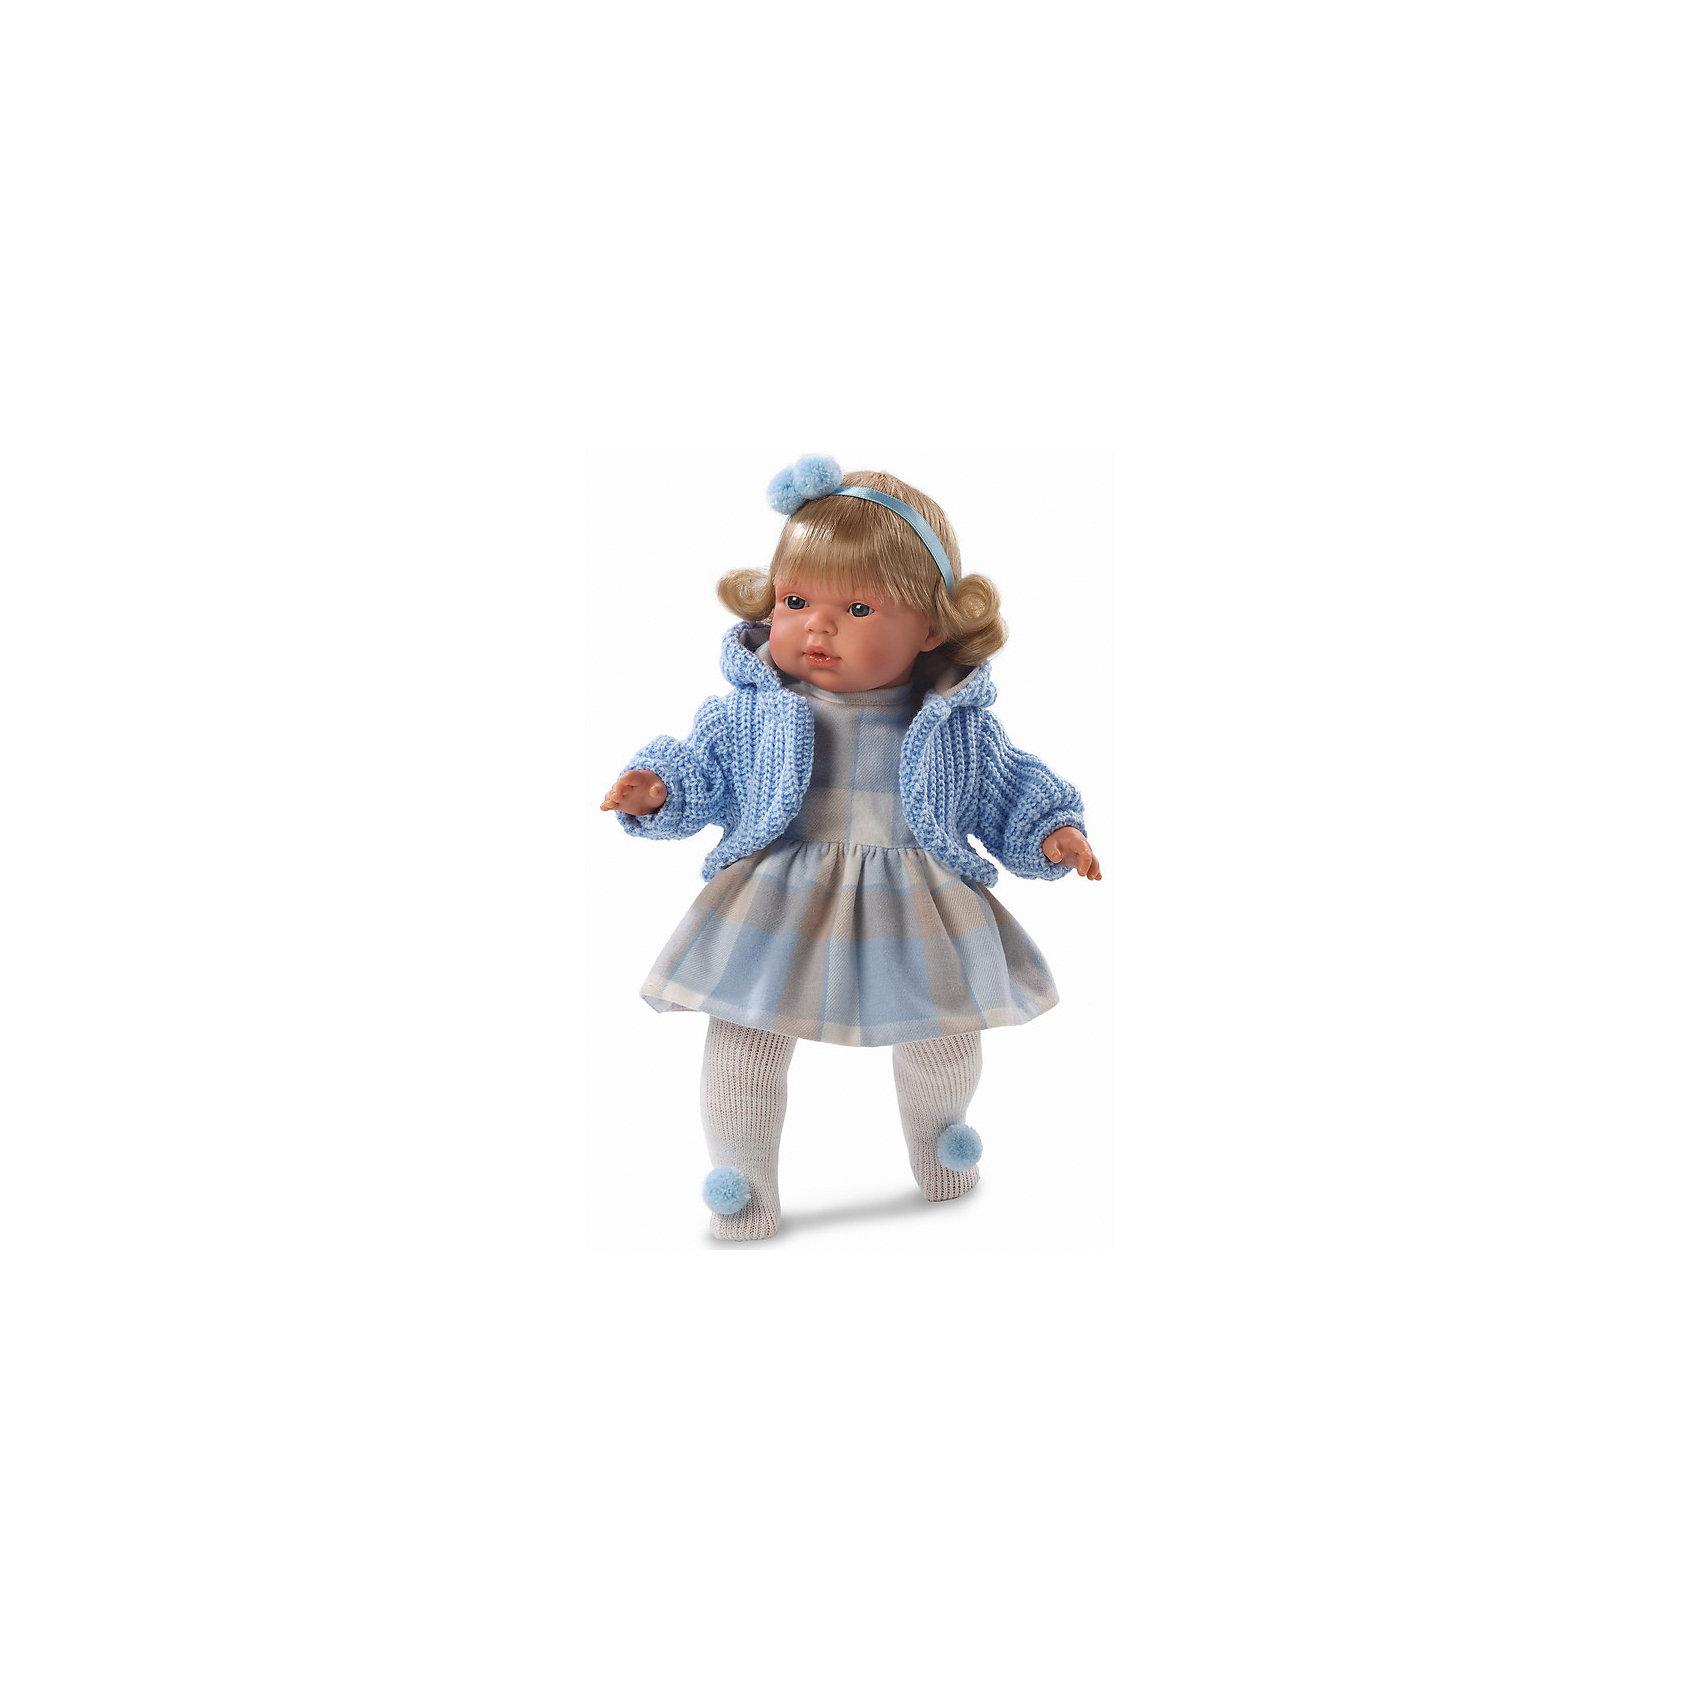 Кукла Шарлота, 38 см, Llorens<br><br>Ширина мм: 23<br>Глубина мм: 45<br>Высота мм: 12<br>Вес г: 1050<br>Возраст от месяцев: 36<br>Возраст до месяцев: 84<br>Пол: Женский<br>Возраст: Детский<br>SKU: 5086910